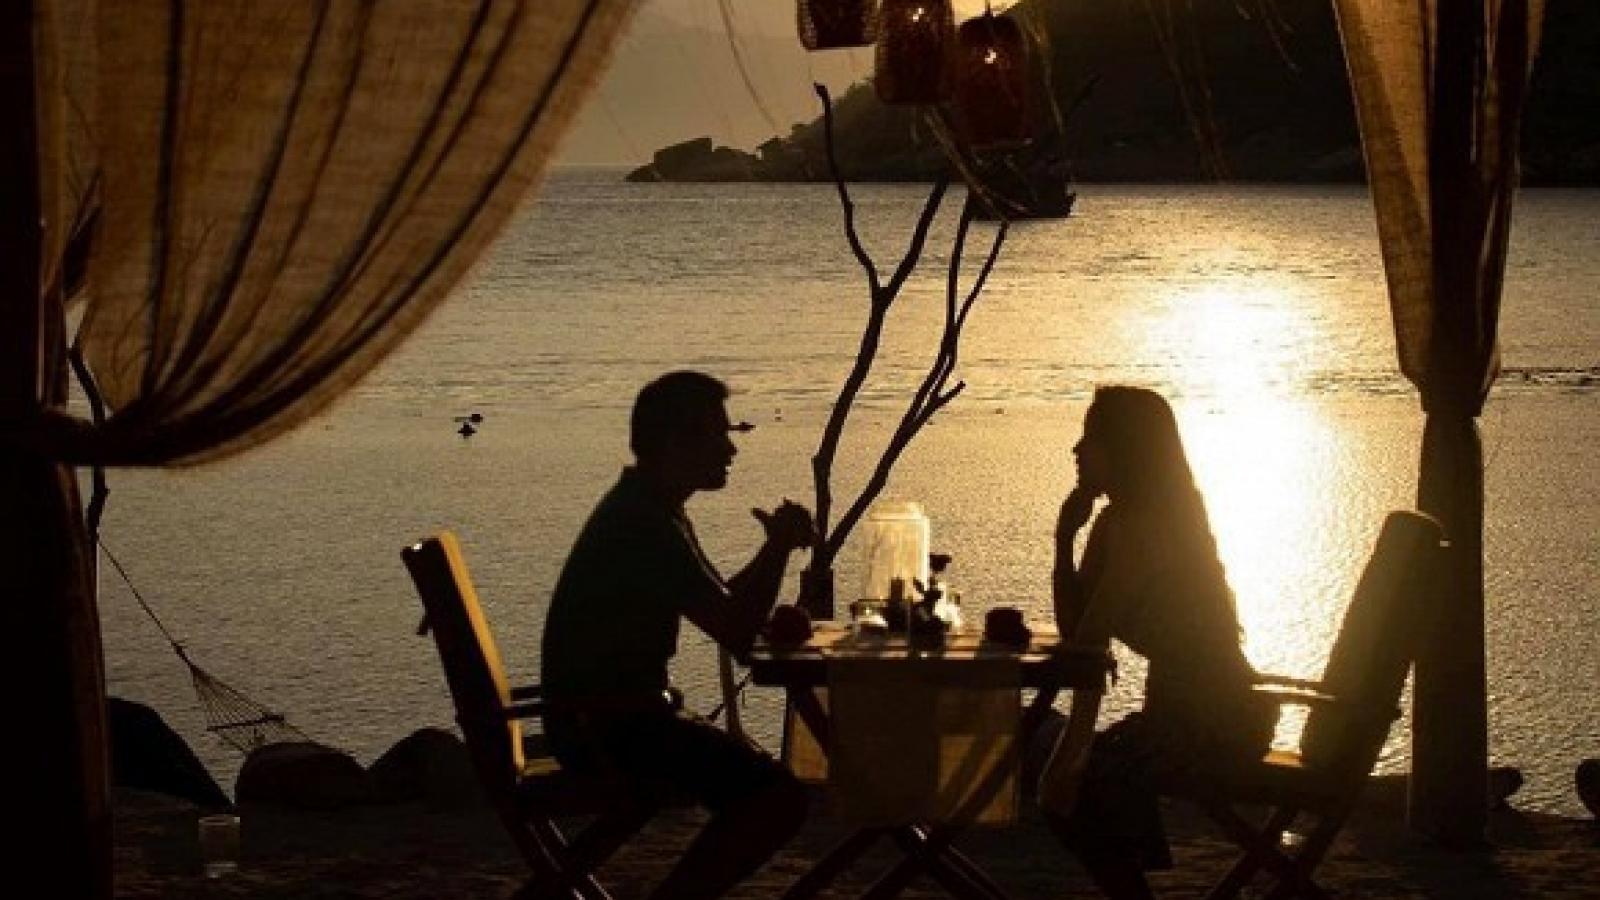 Chuyện showbiz: Vân Hugo và chồng sắp cưới hẹn hò lãng mạn bên bờ biển